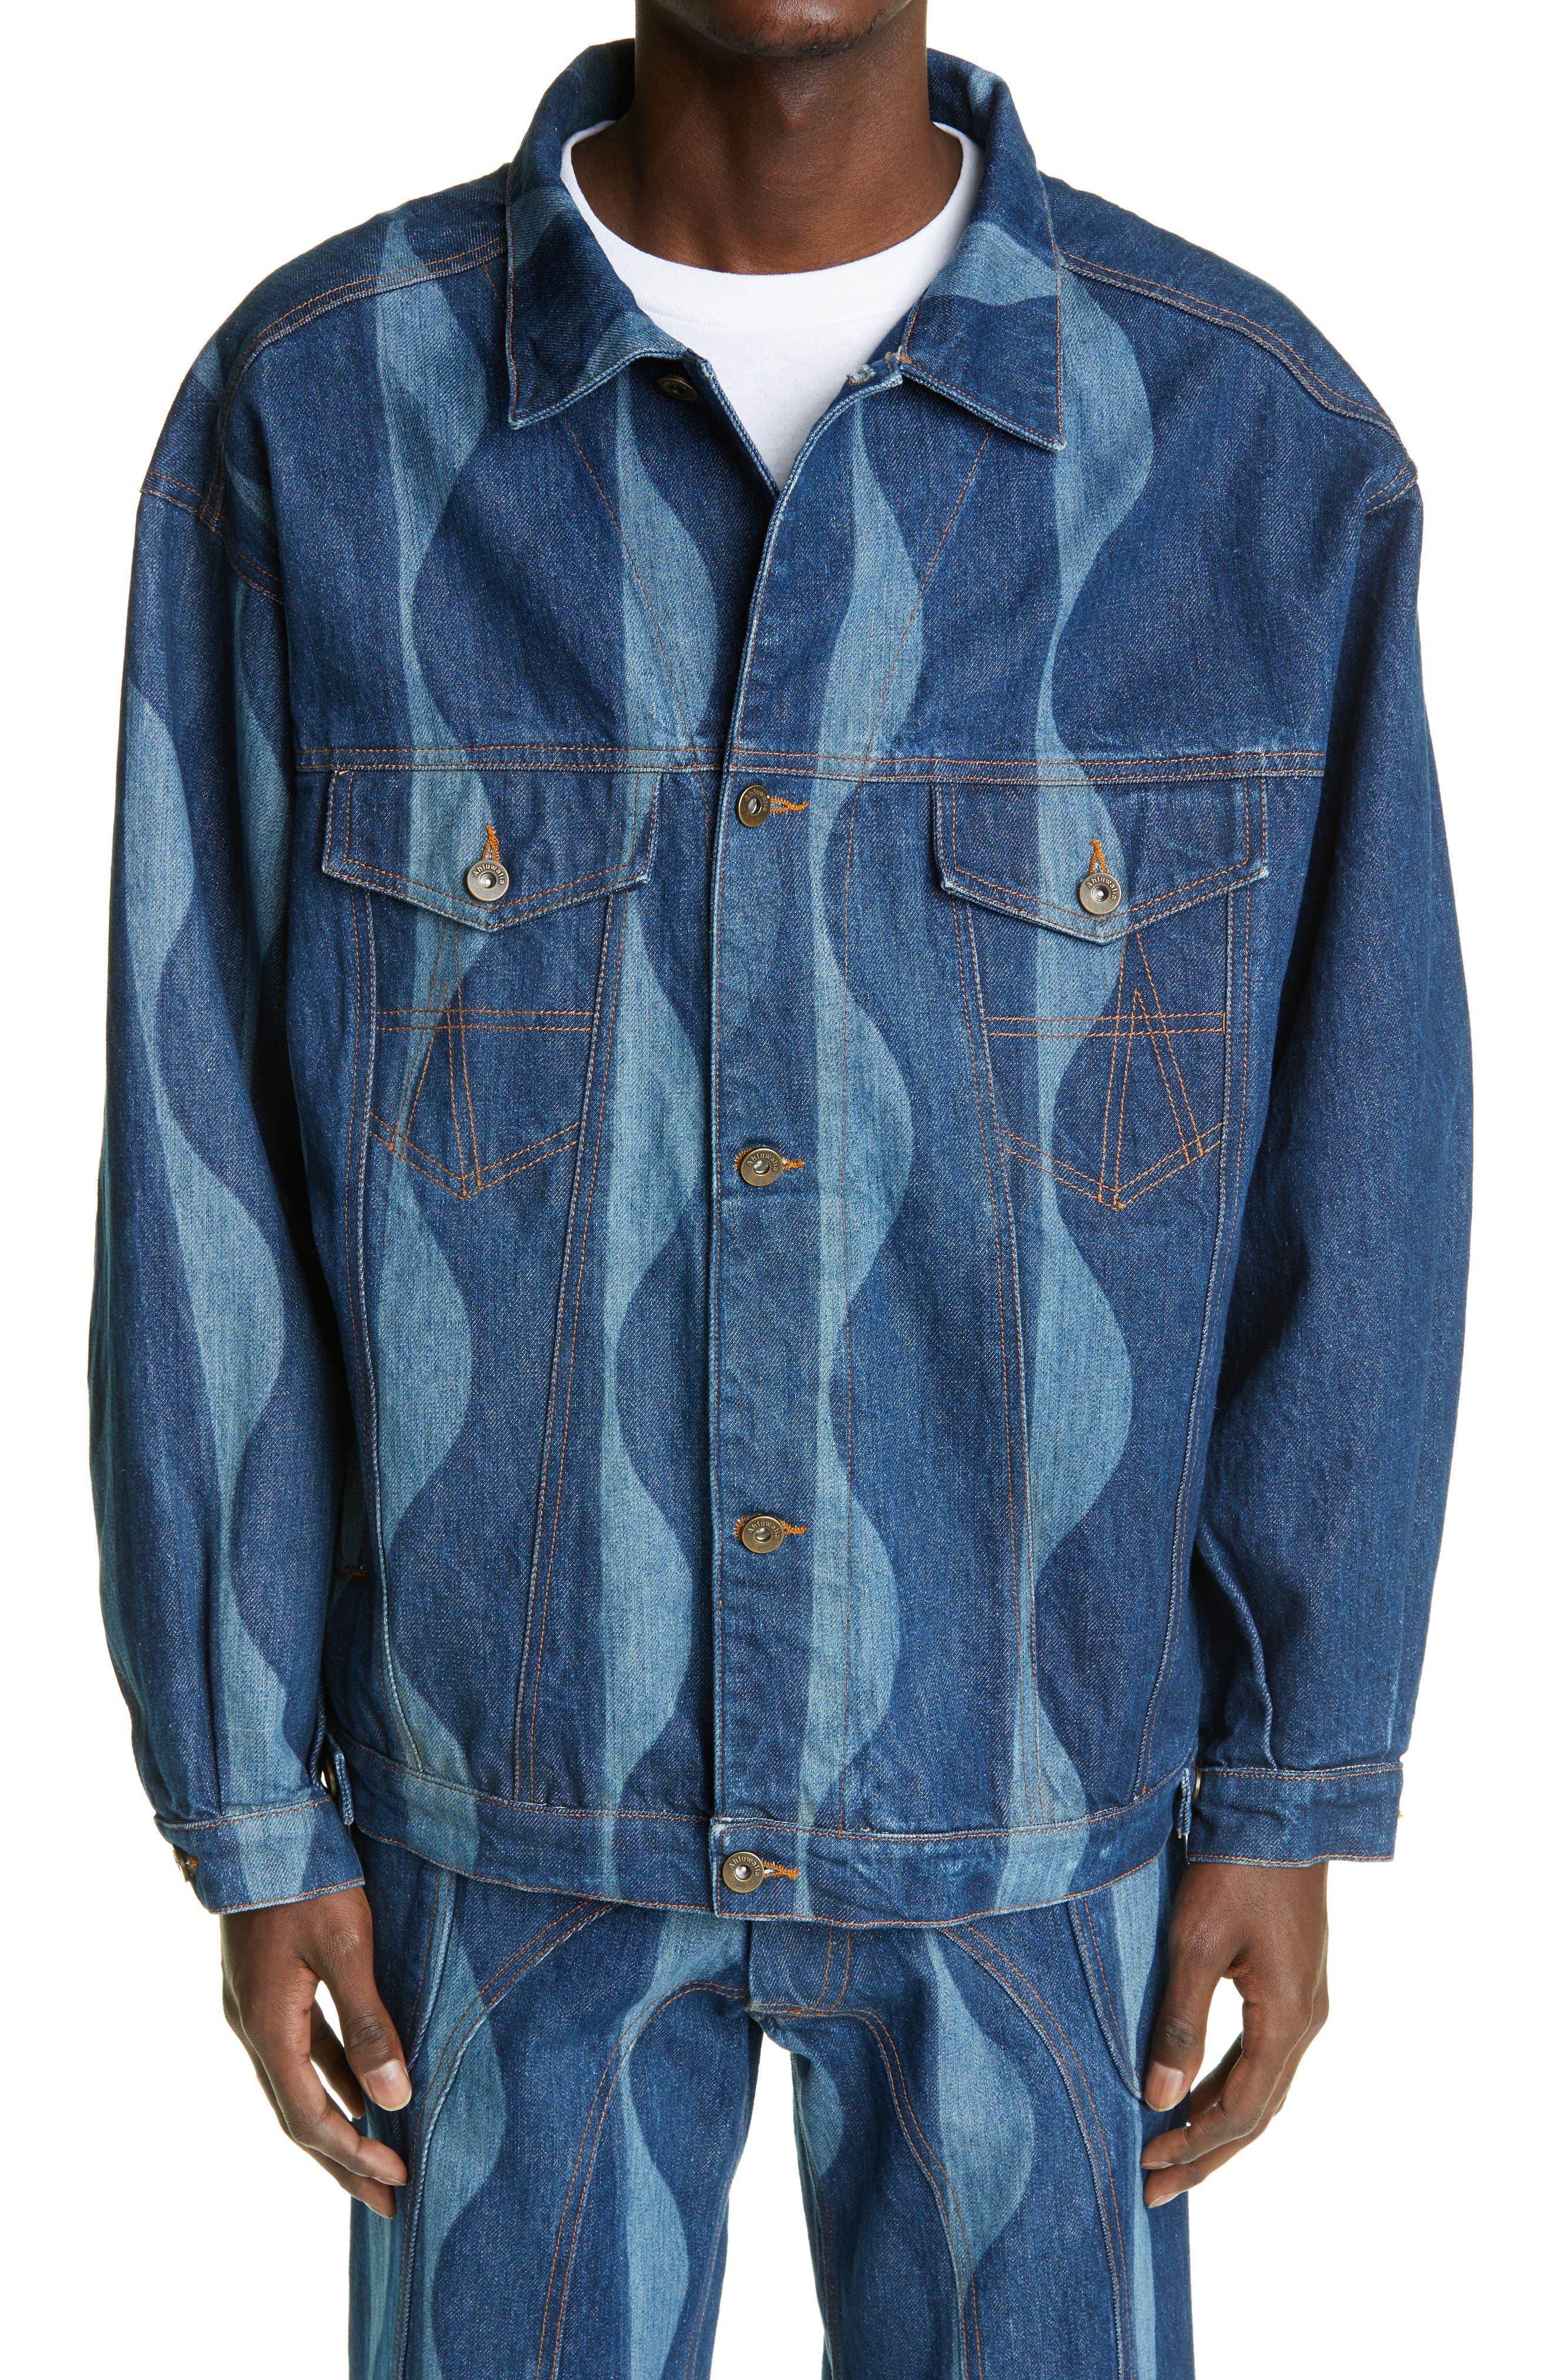 Men's Ahluwalia Signature Joy Denim Jacket